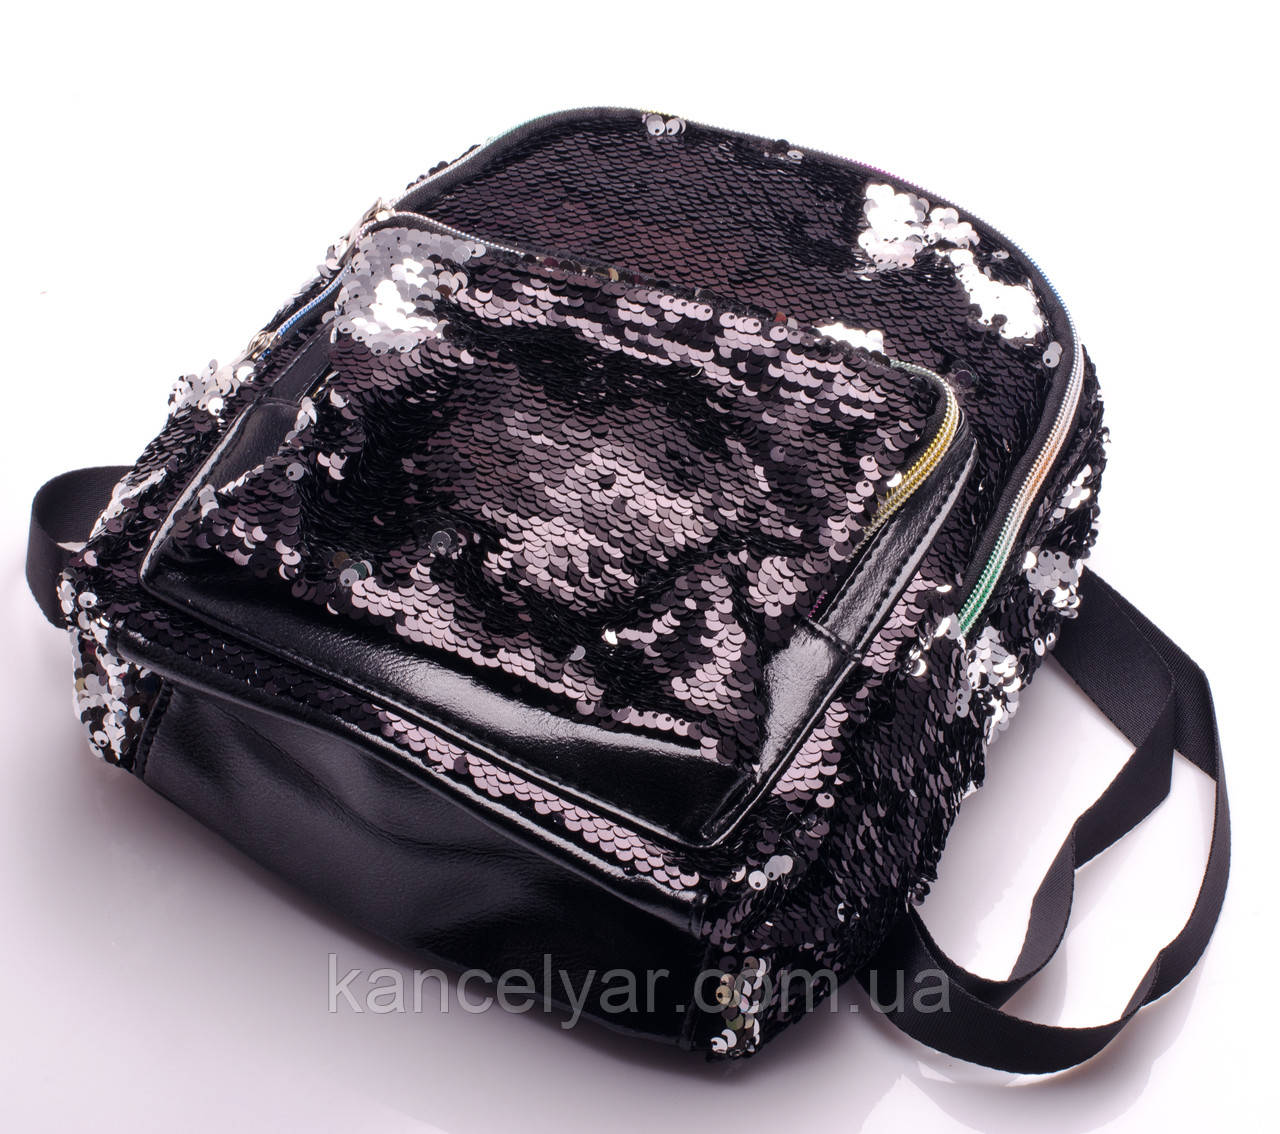 Рюкзак с пайетками, 23х22х15 см, в ассортименте